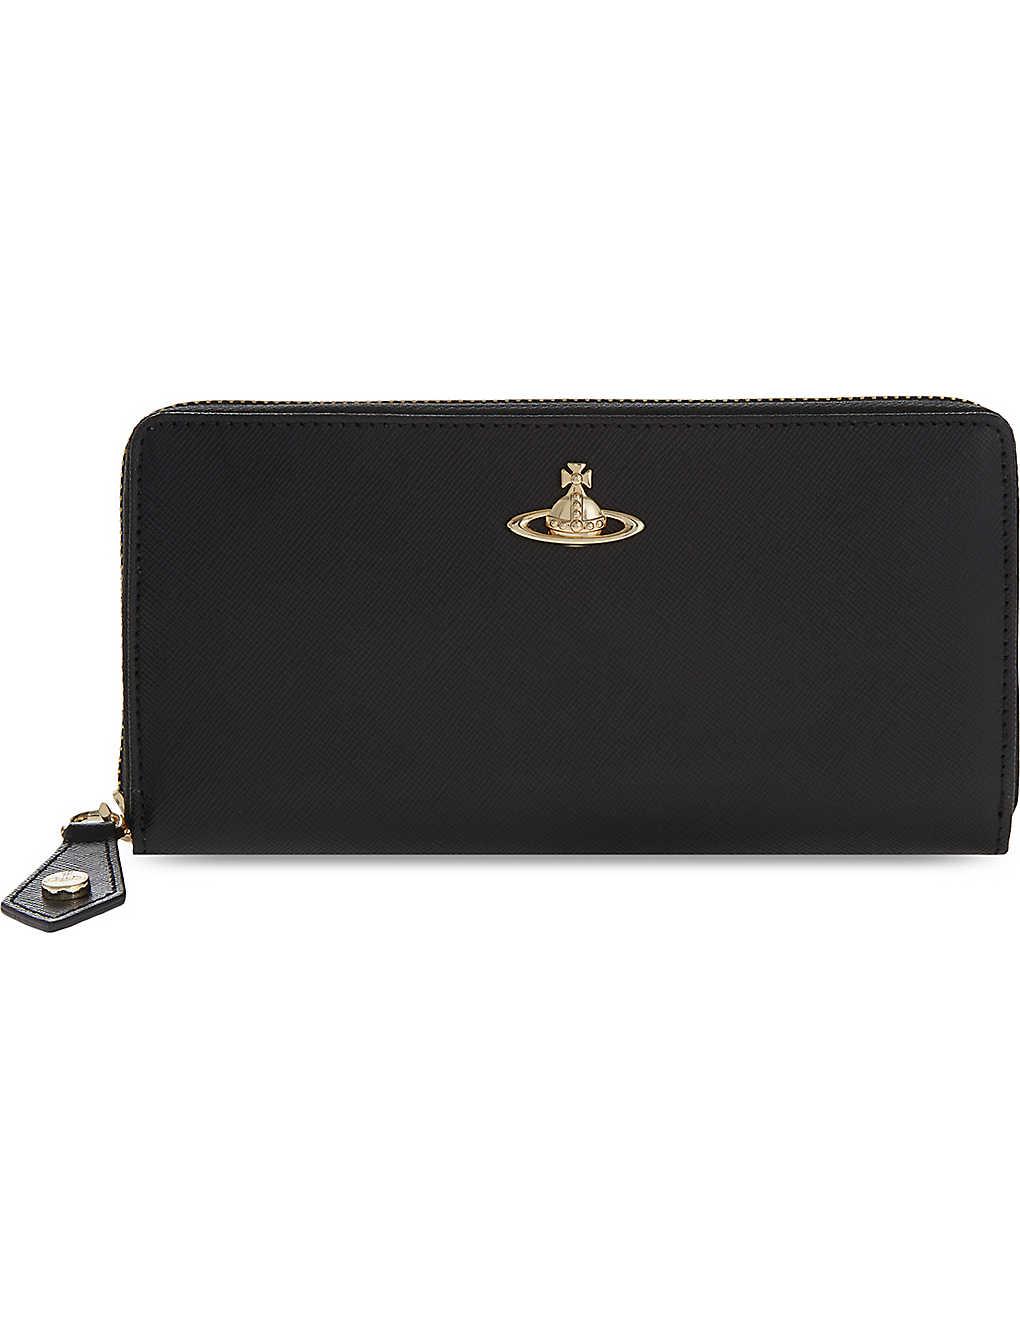 639b86b96d1 VIVIENNE WESTWOOD - Opio saffiano leather zip-around purse ...